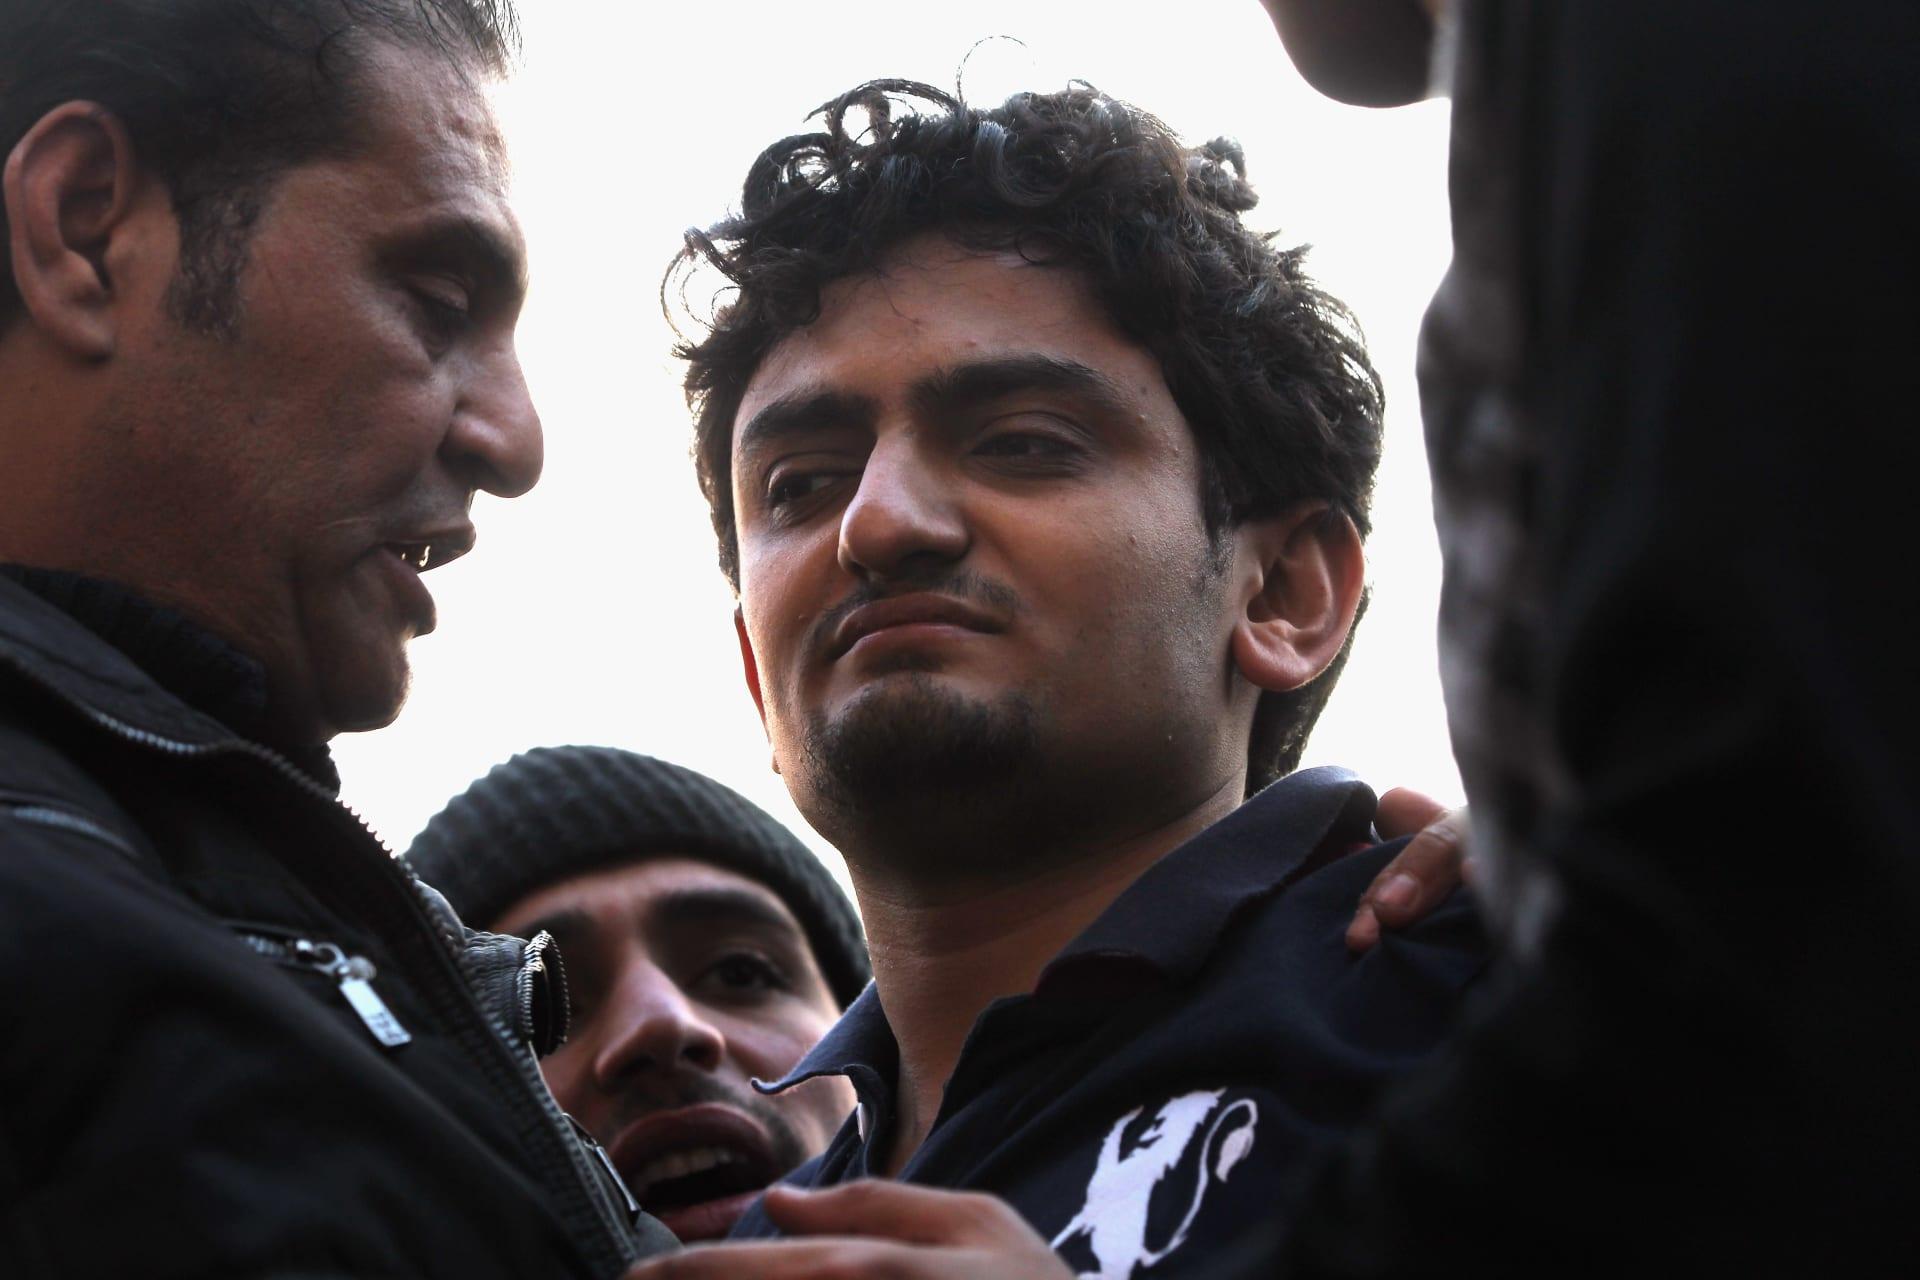 وائل غنيم بذكرى الثورة: سَتُهزم يناير حين يصمت الجميع.. لا تيأسوا